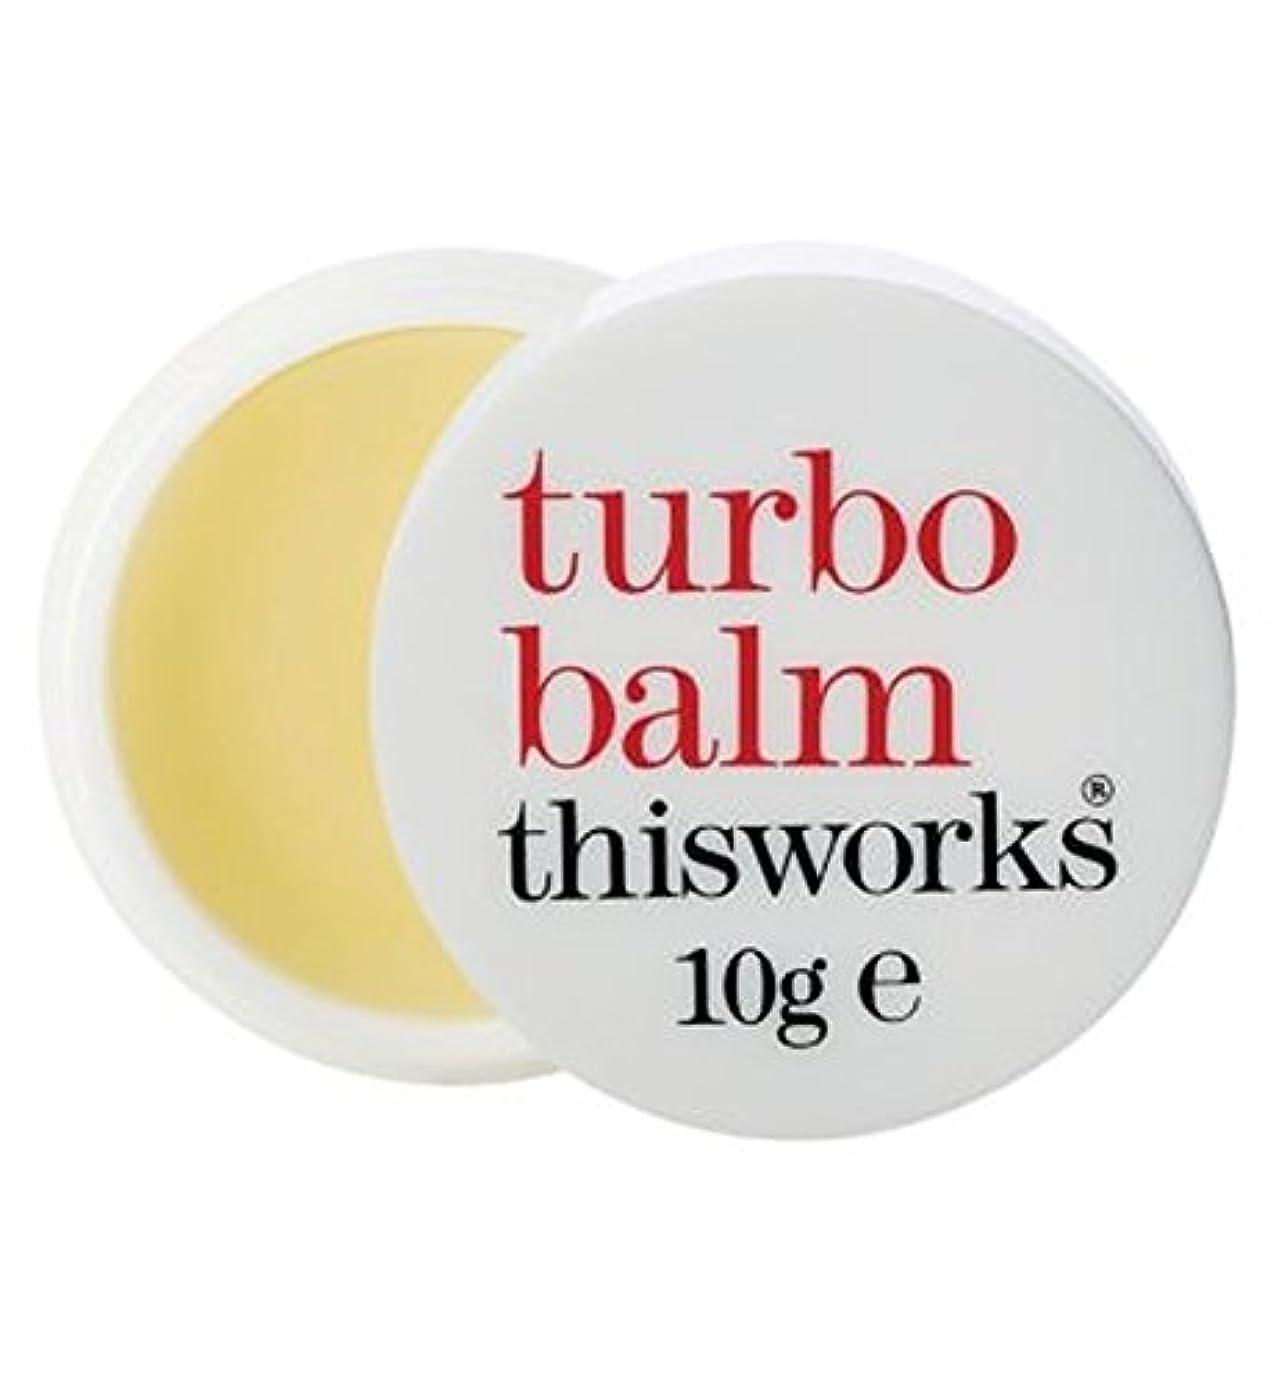 練習したバッチ元気なthis works in transit Turbo Balm 10g - これはトランジットターボバーム10Gで動作します (This Works) [並行輸入品]